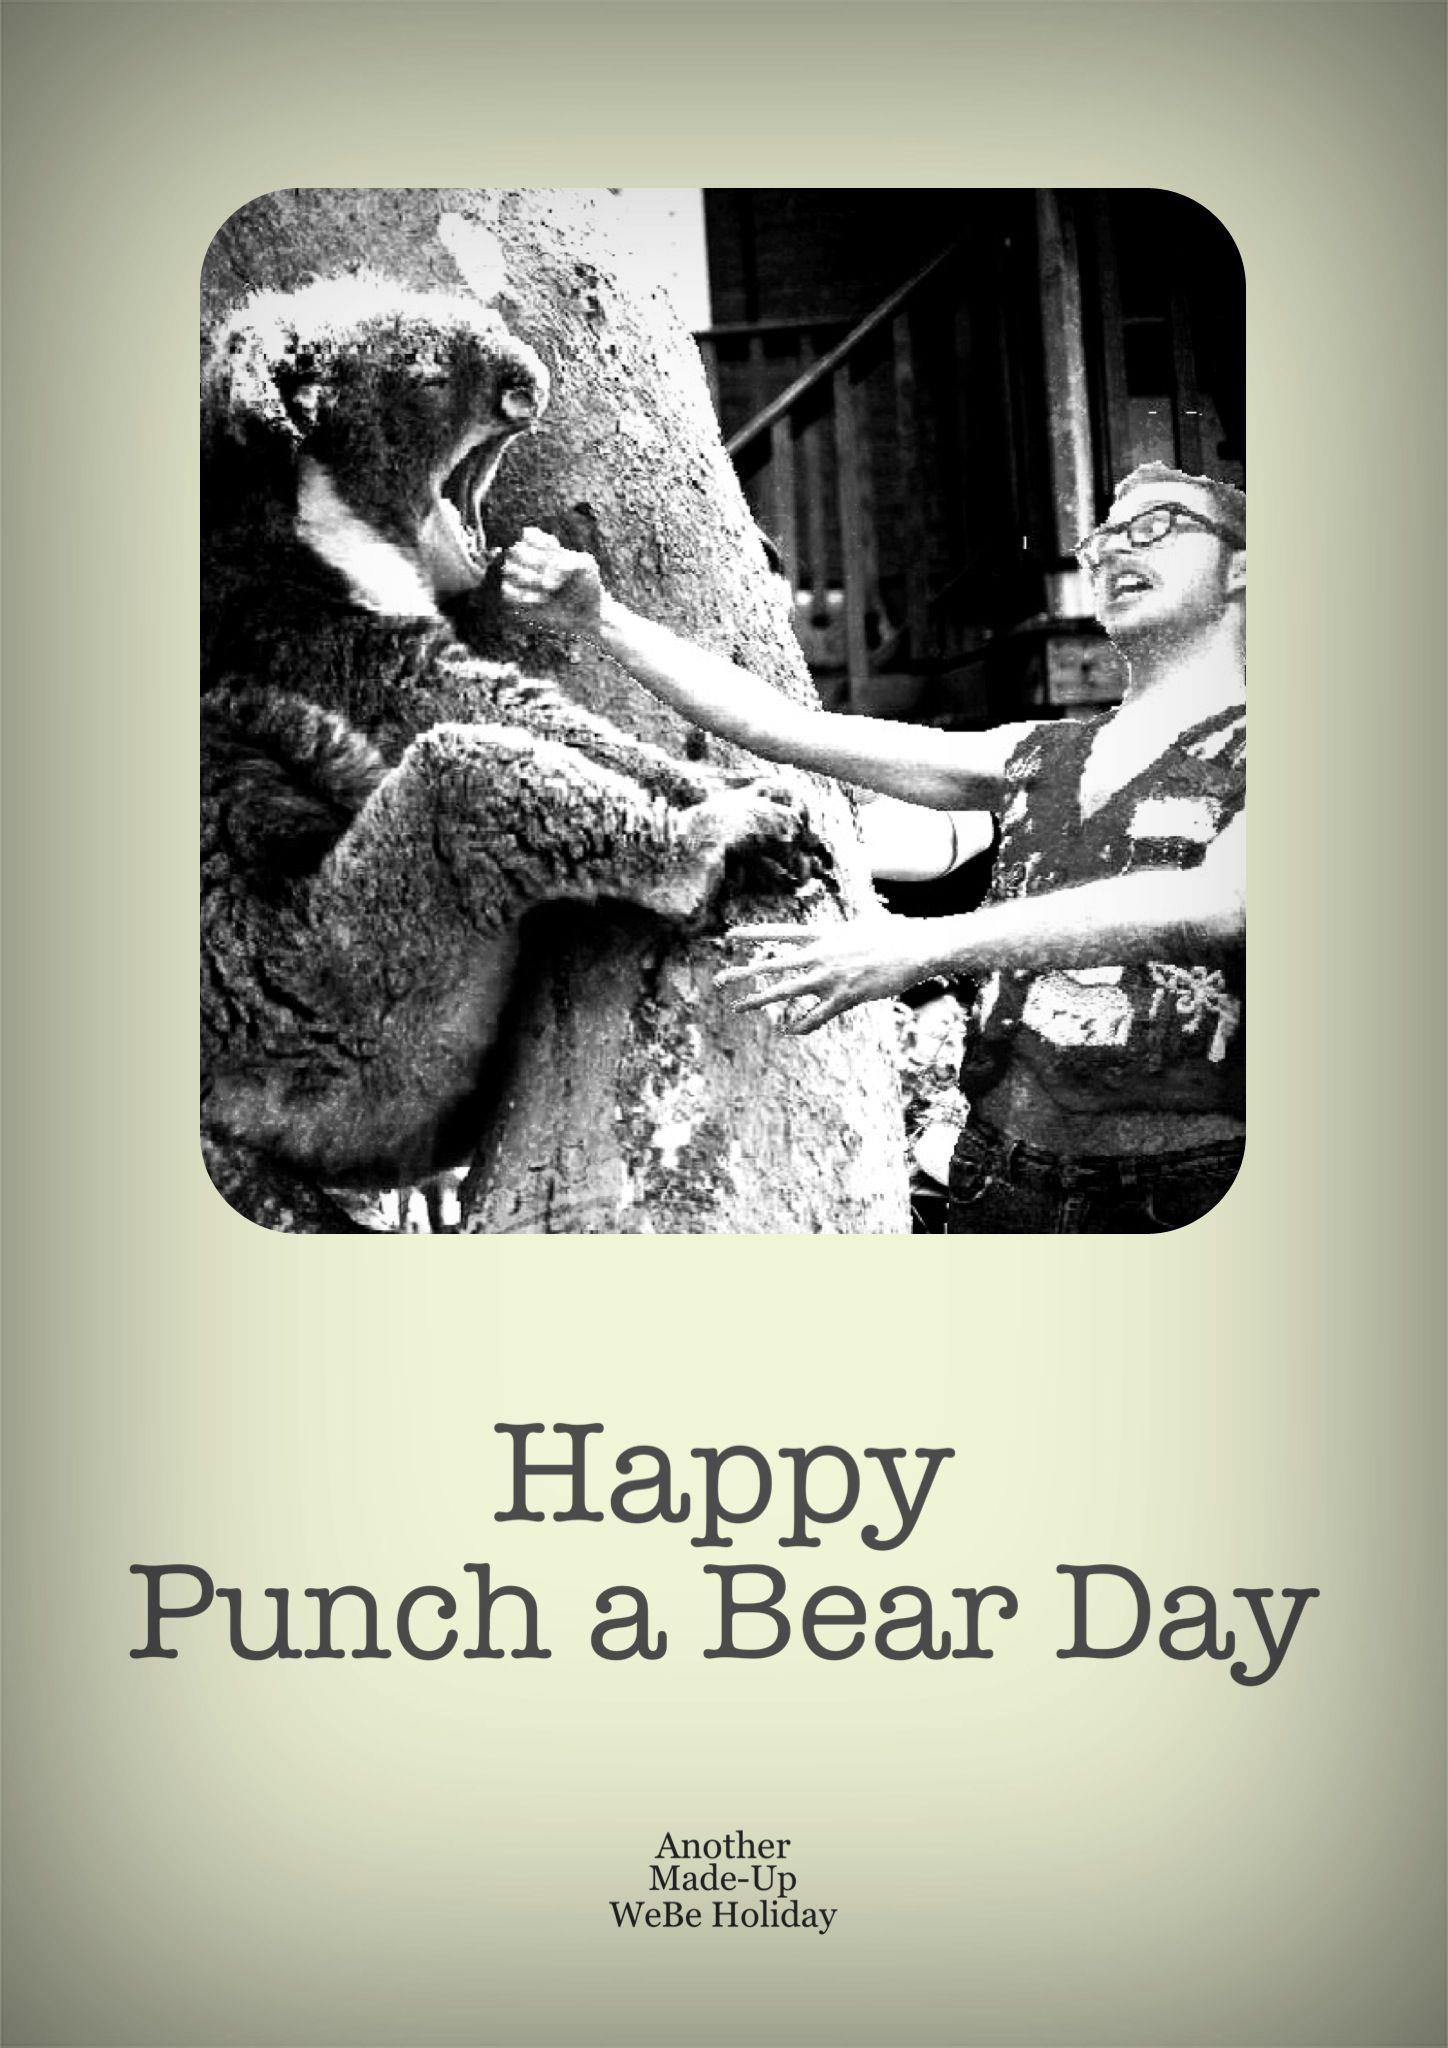 Punch-a-Bear Day 2012 - December 19.jpg